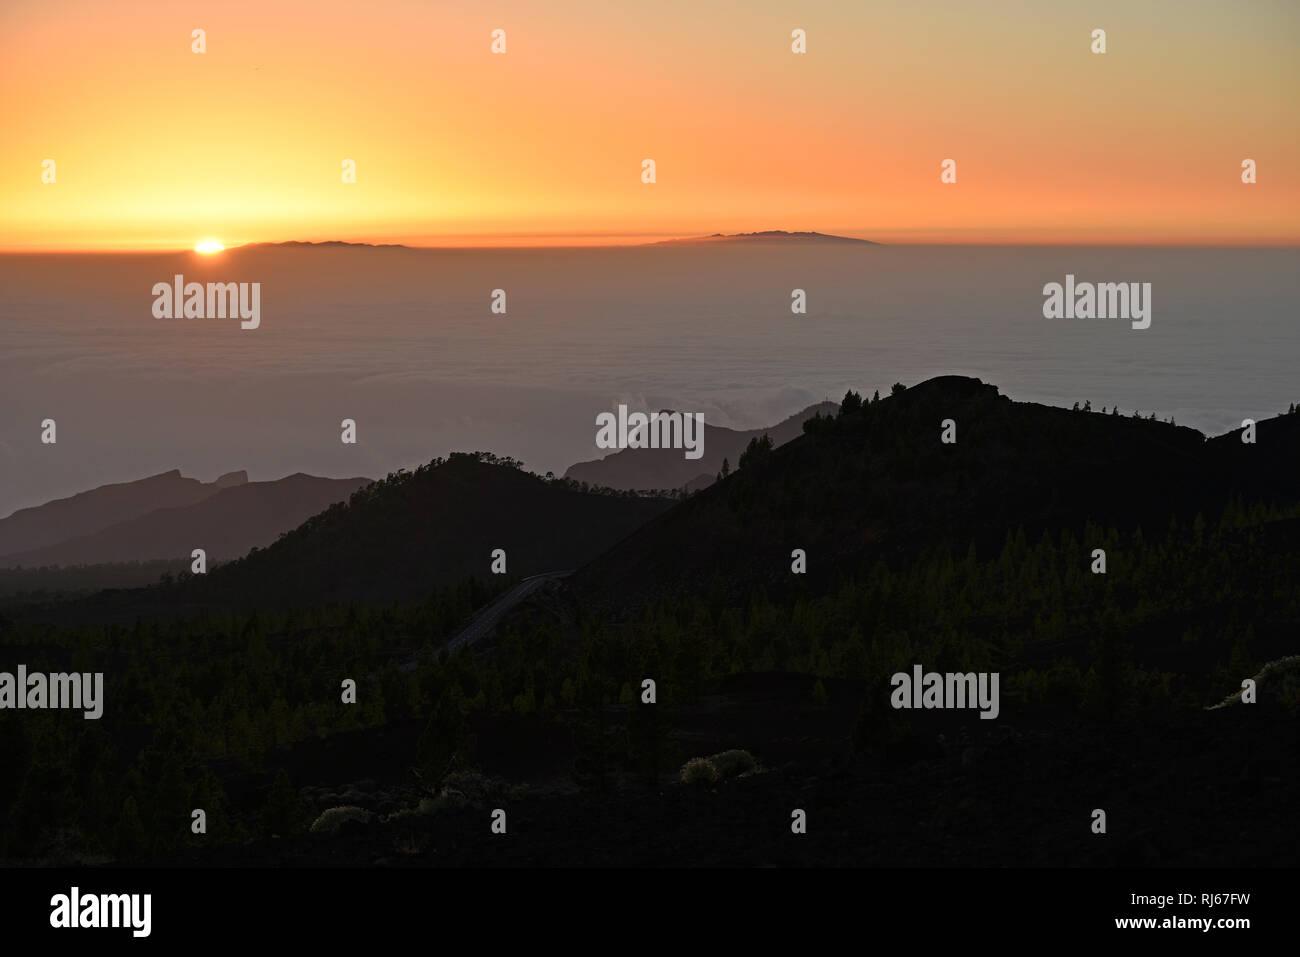 Blick vom Vulkan Samara über Teno-Gebirge auf La Palma über Passatwolken bei Sonnenuntergang, Montaña Samara, Nationalpark Teide, Teneriffa, Kanarisch - Stock Image